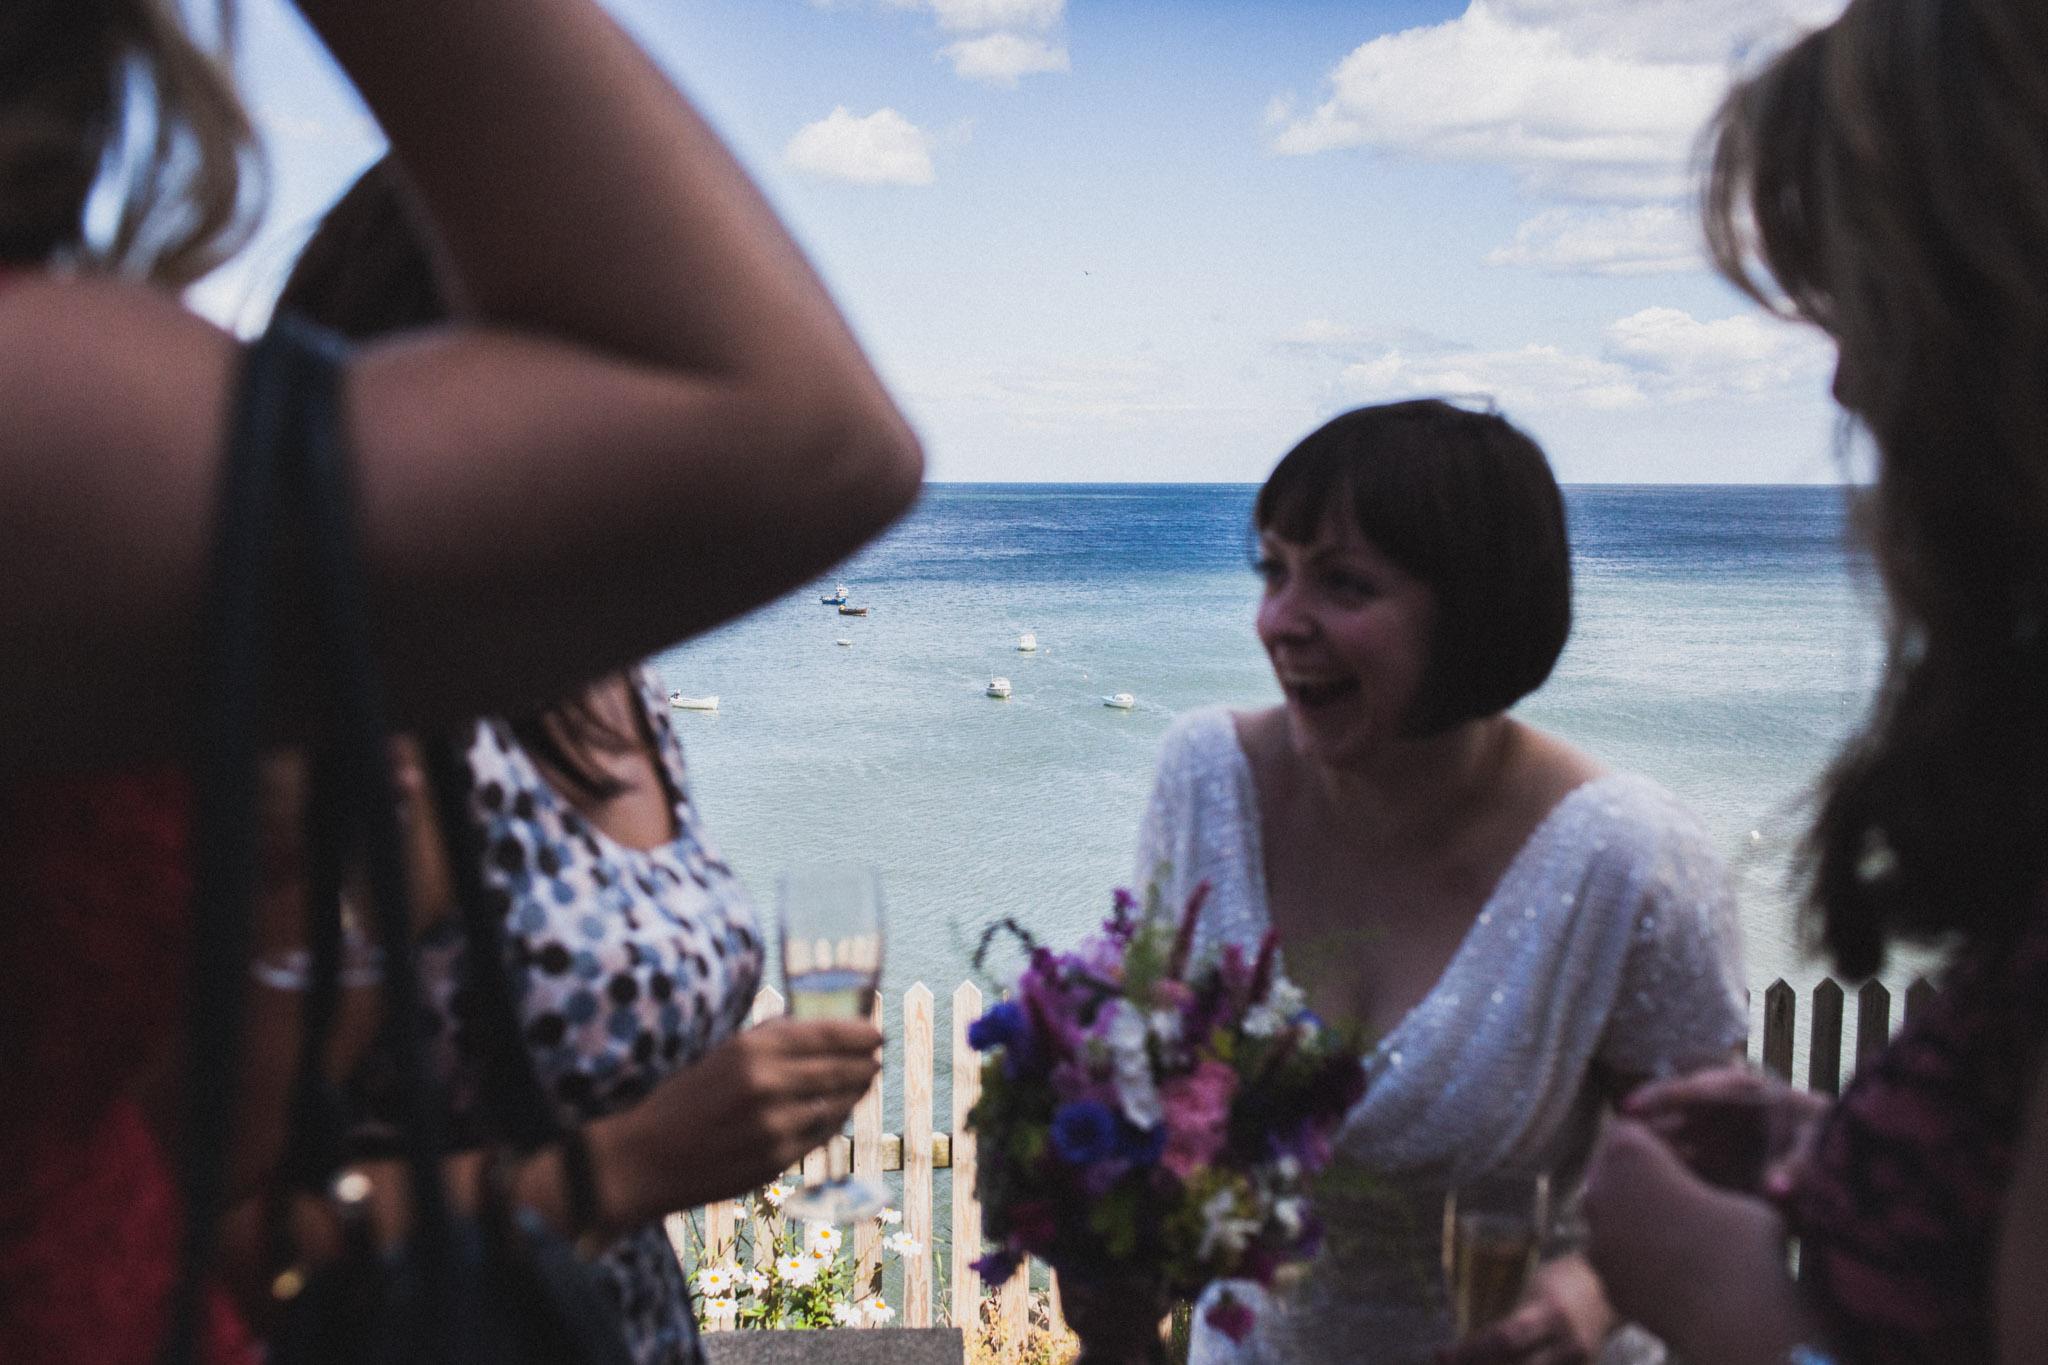 wedding_robin_hoods_bay_whitby_044.jpg